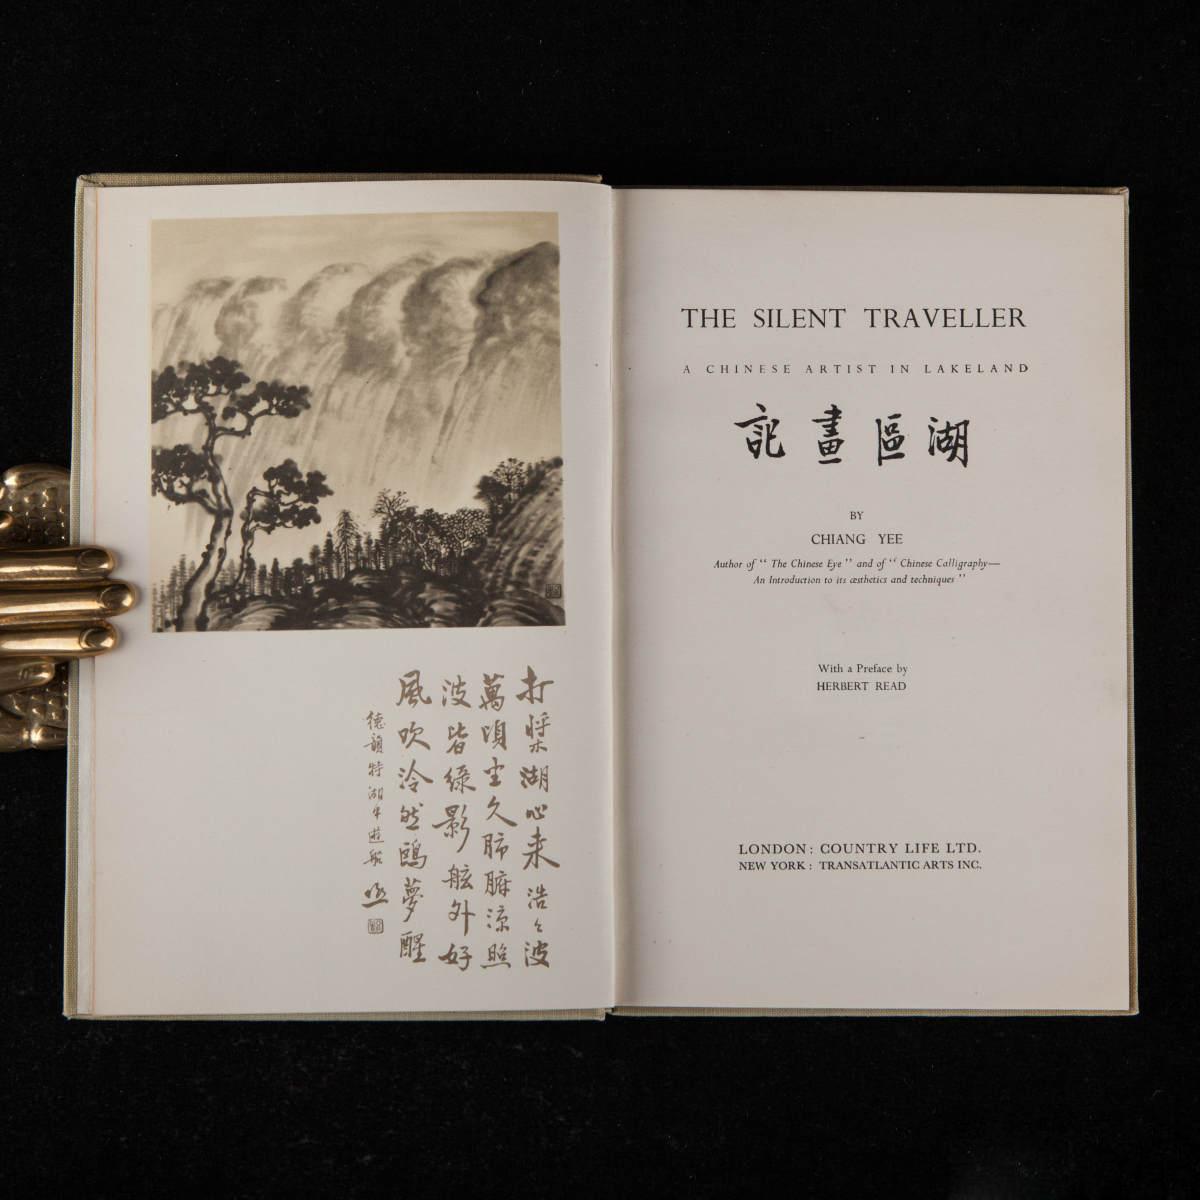 《湖区画记》5 1949年蒋彝著《湖区画记》插图本,多幅山水画配汉字整页插图 《哑行者》系列第一部,中国笔墨描绘湖居景致 副本